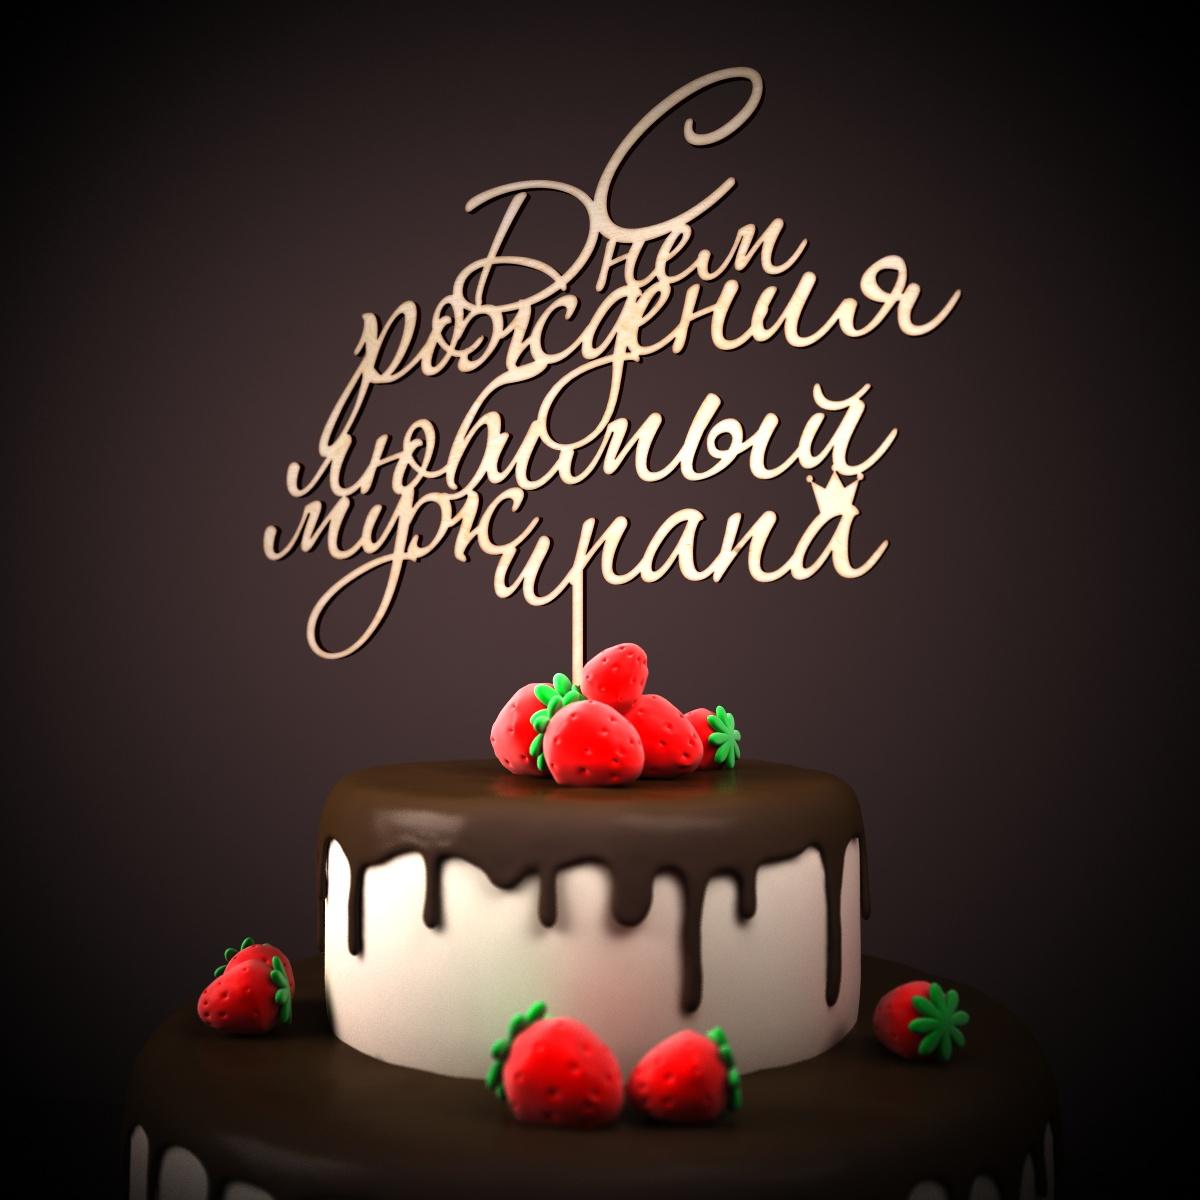 Поздравление мужу с днем рождения от жены в прозе